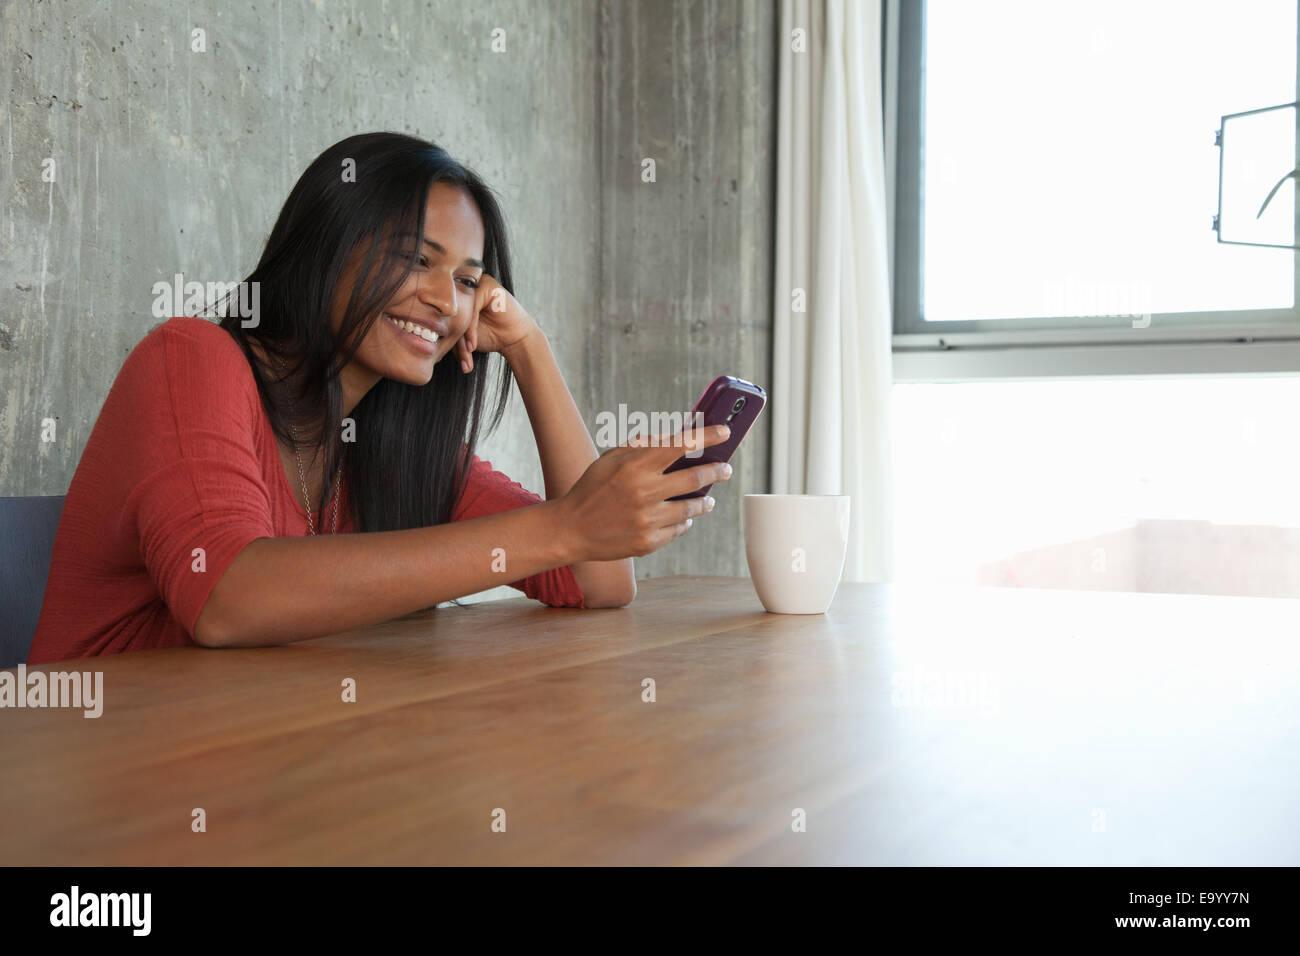 Mujer usando el smartphone en casa Imagen De Stock